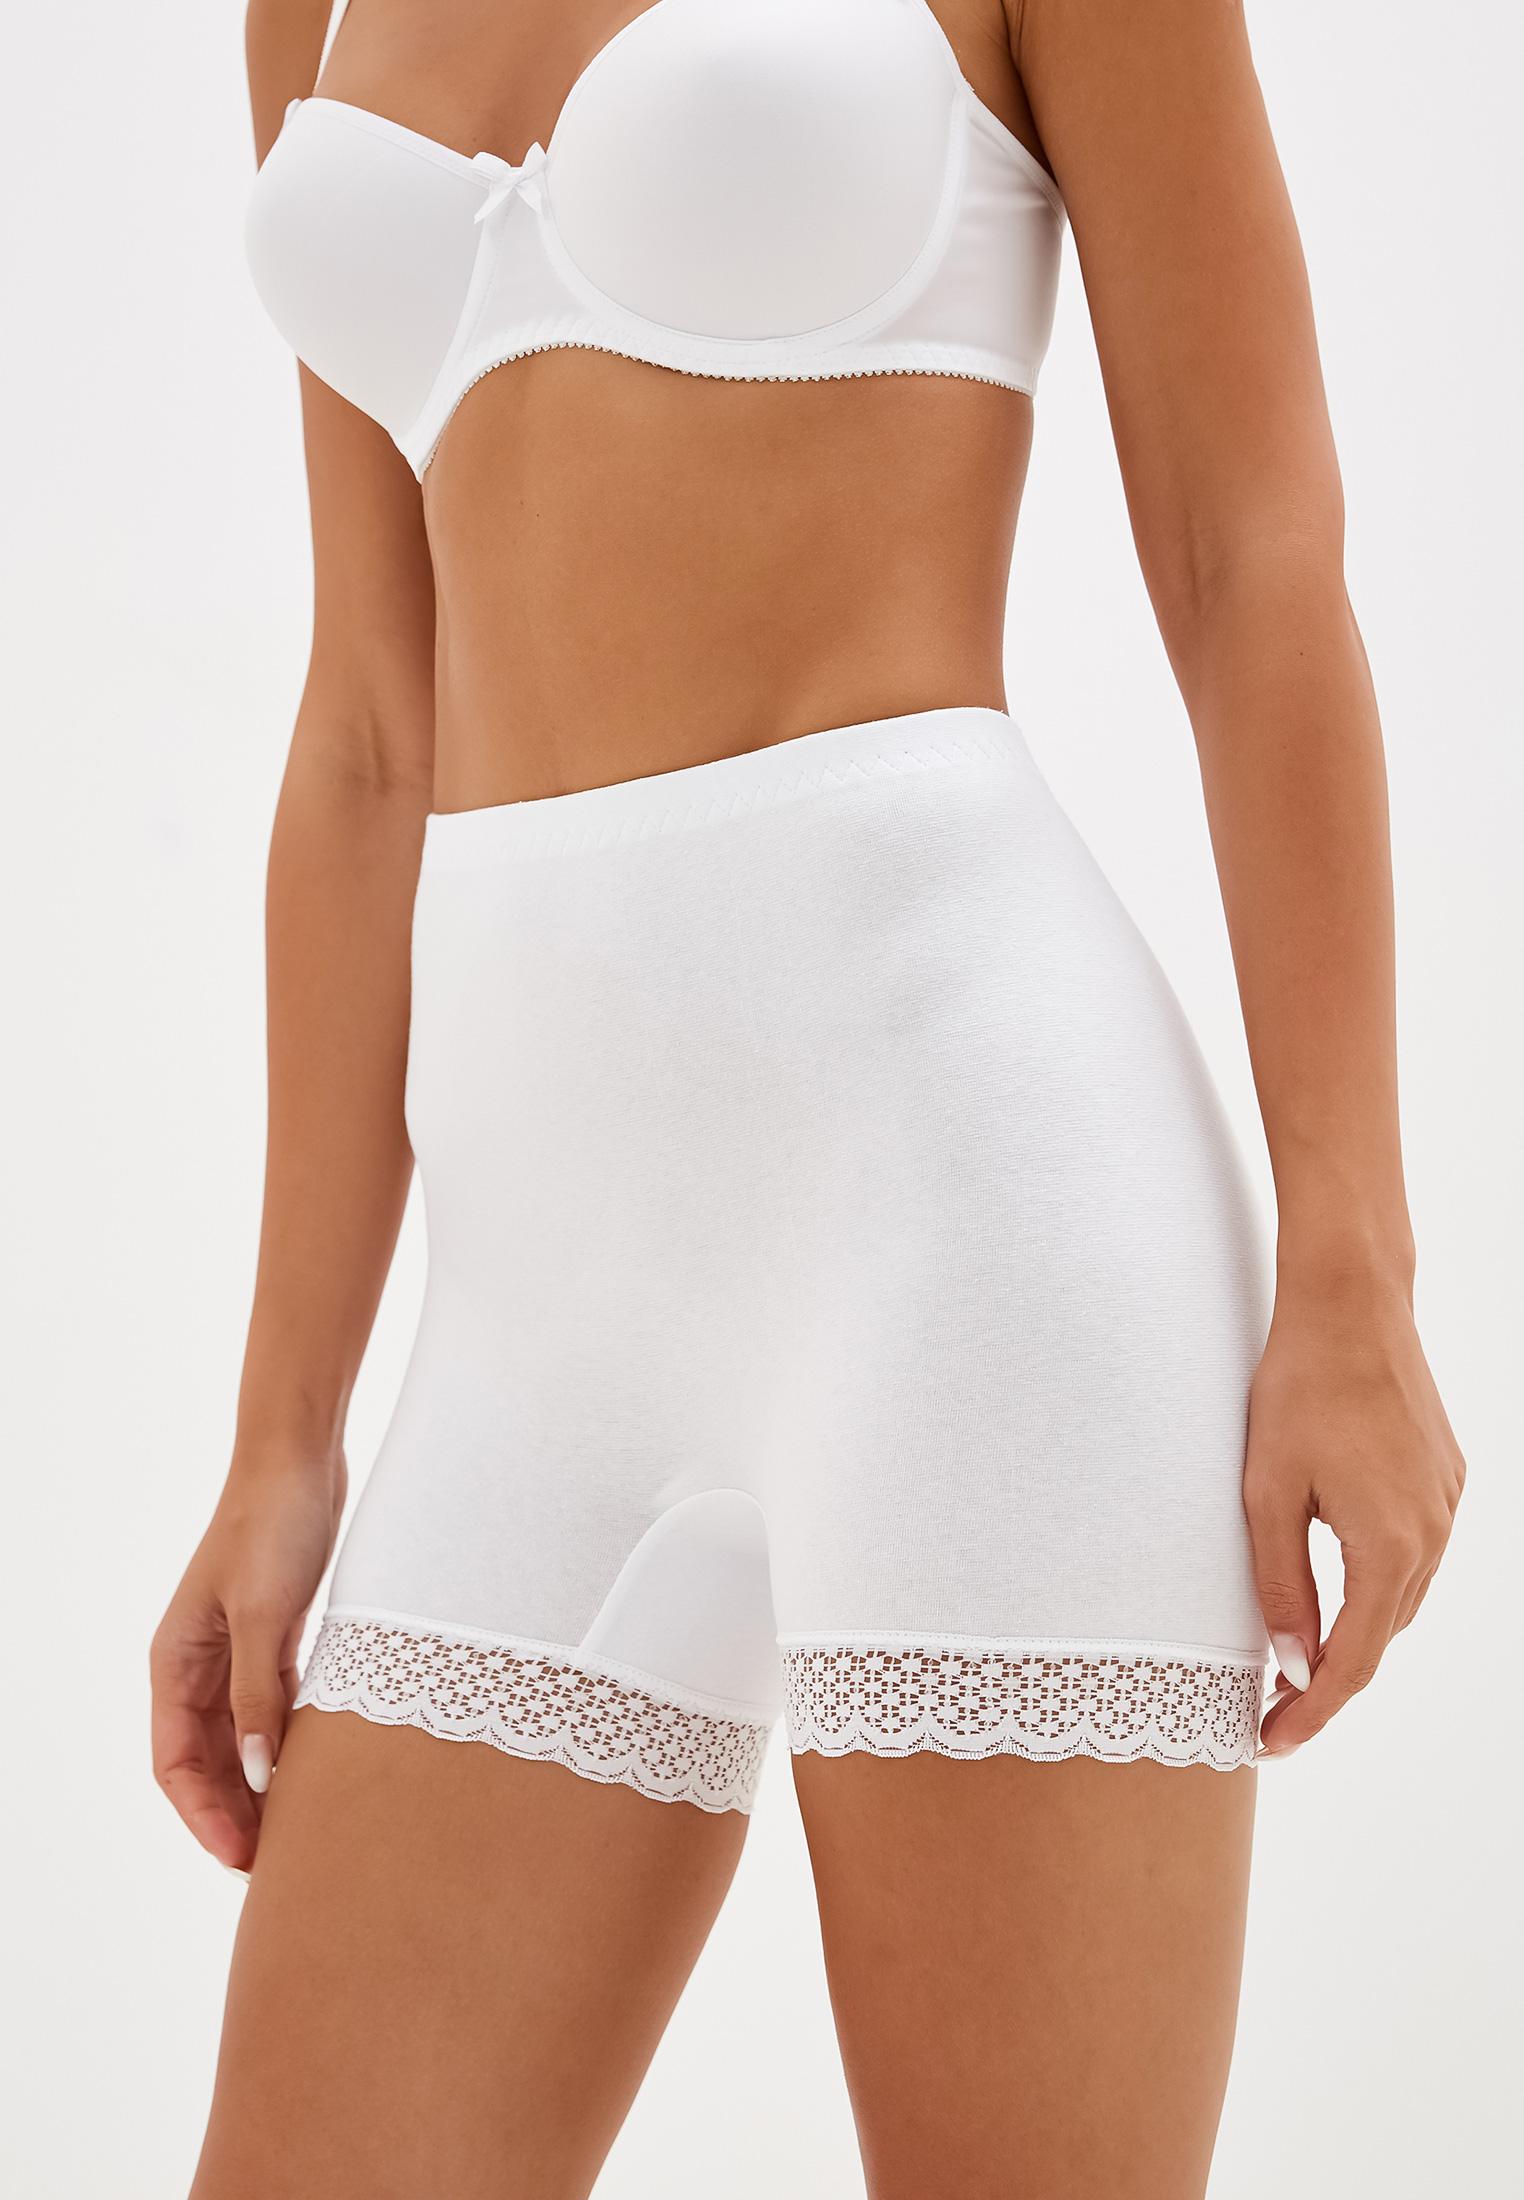 Панталоны женские НОВОЕ ВРЕМЯ T013 белые 62 RU